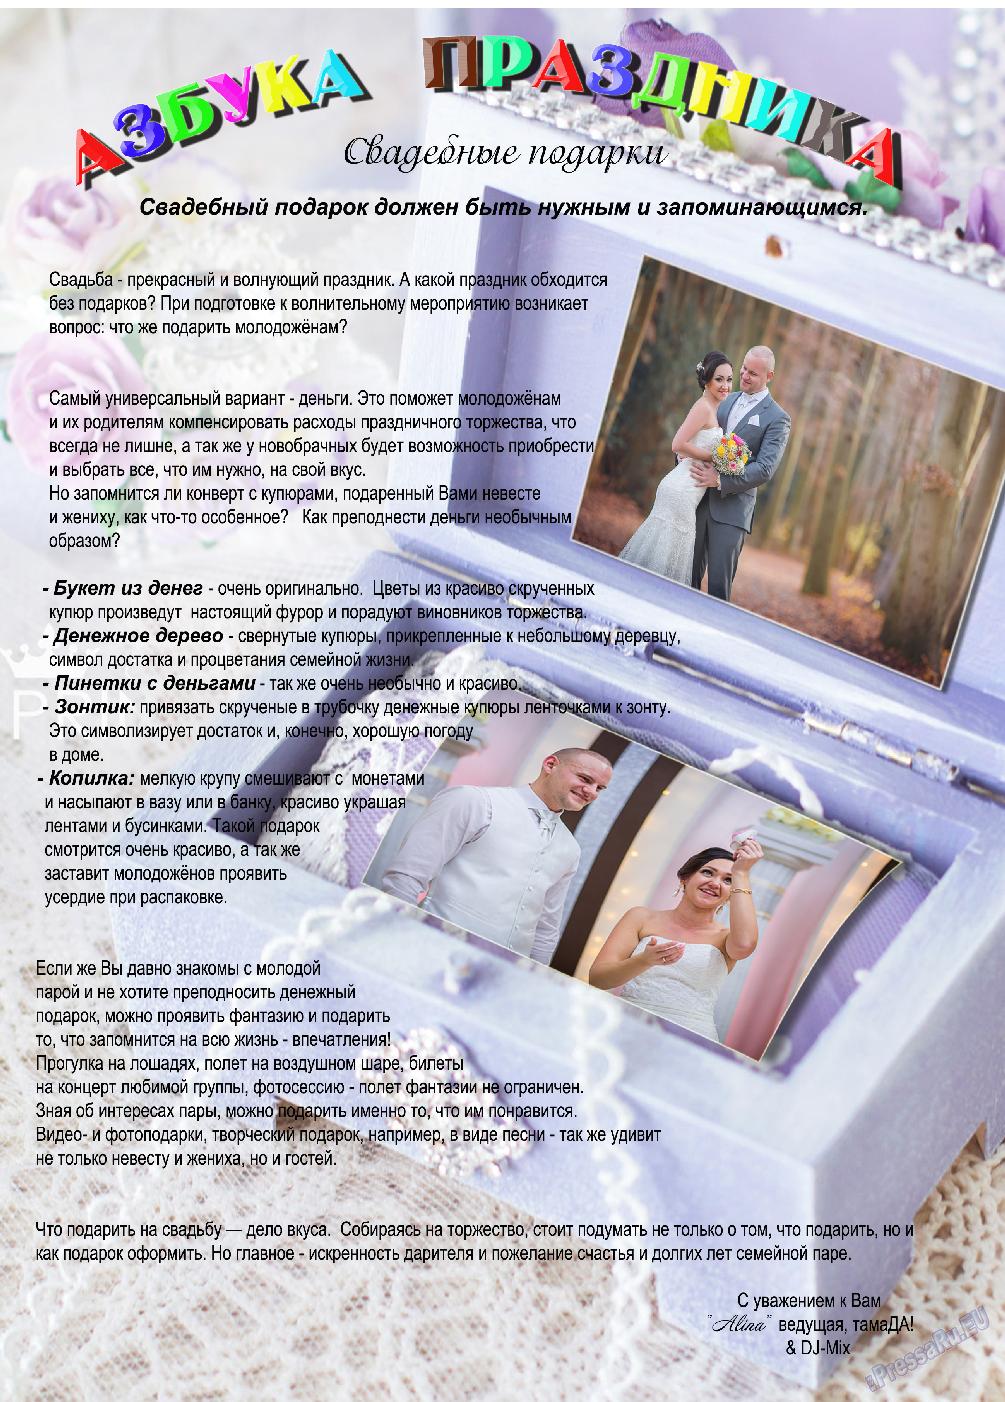 Подарок молодоженам от родителей невесты 796